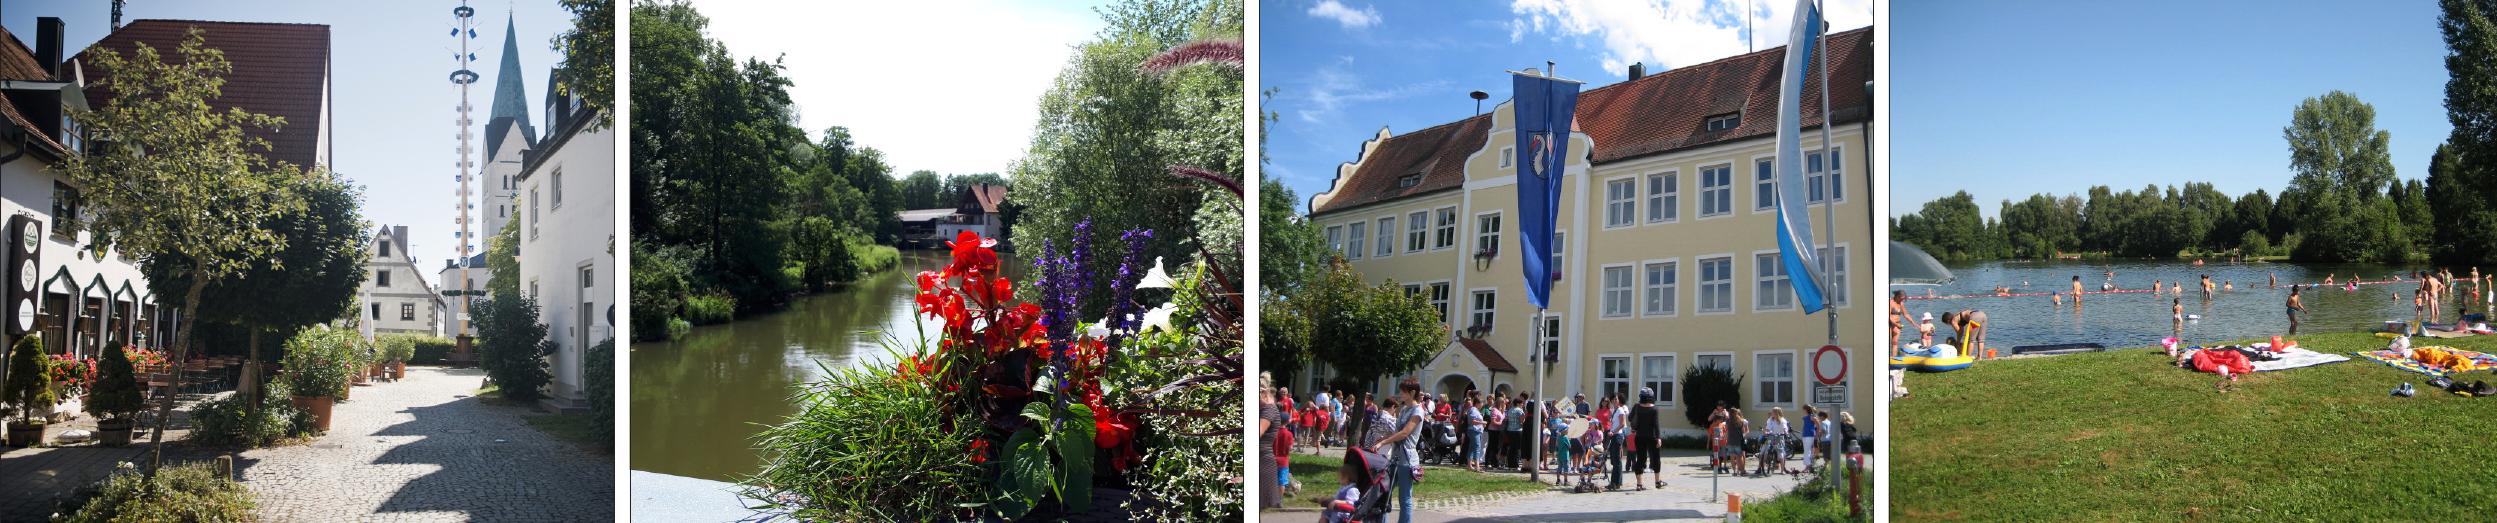 Viele Einrichtungen des täglichen Bedarfs und ein breit gefächertes Freizeitangebot sind in Reichertshofen zu finden.Nahe gelegene Badeseen wie der Heideweiher (Bild rechts) erfreuen sich großer Beliebtheit auch über die Marktgemeinde hinaus. Fotos: Markt Reichertshofen